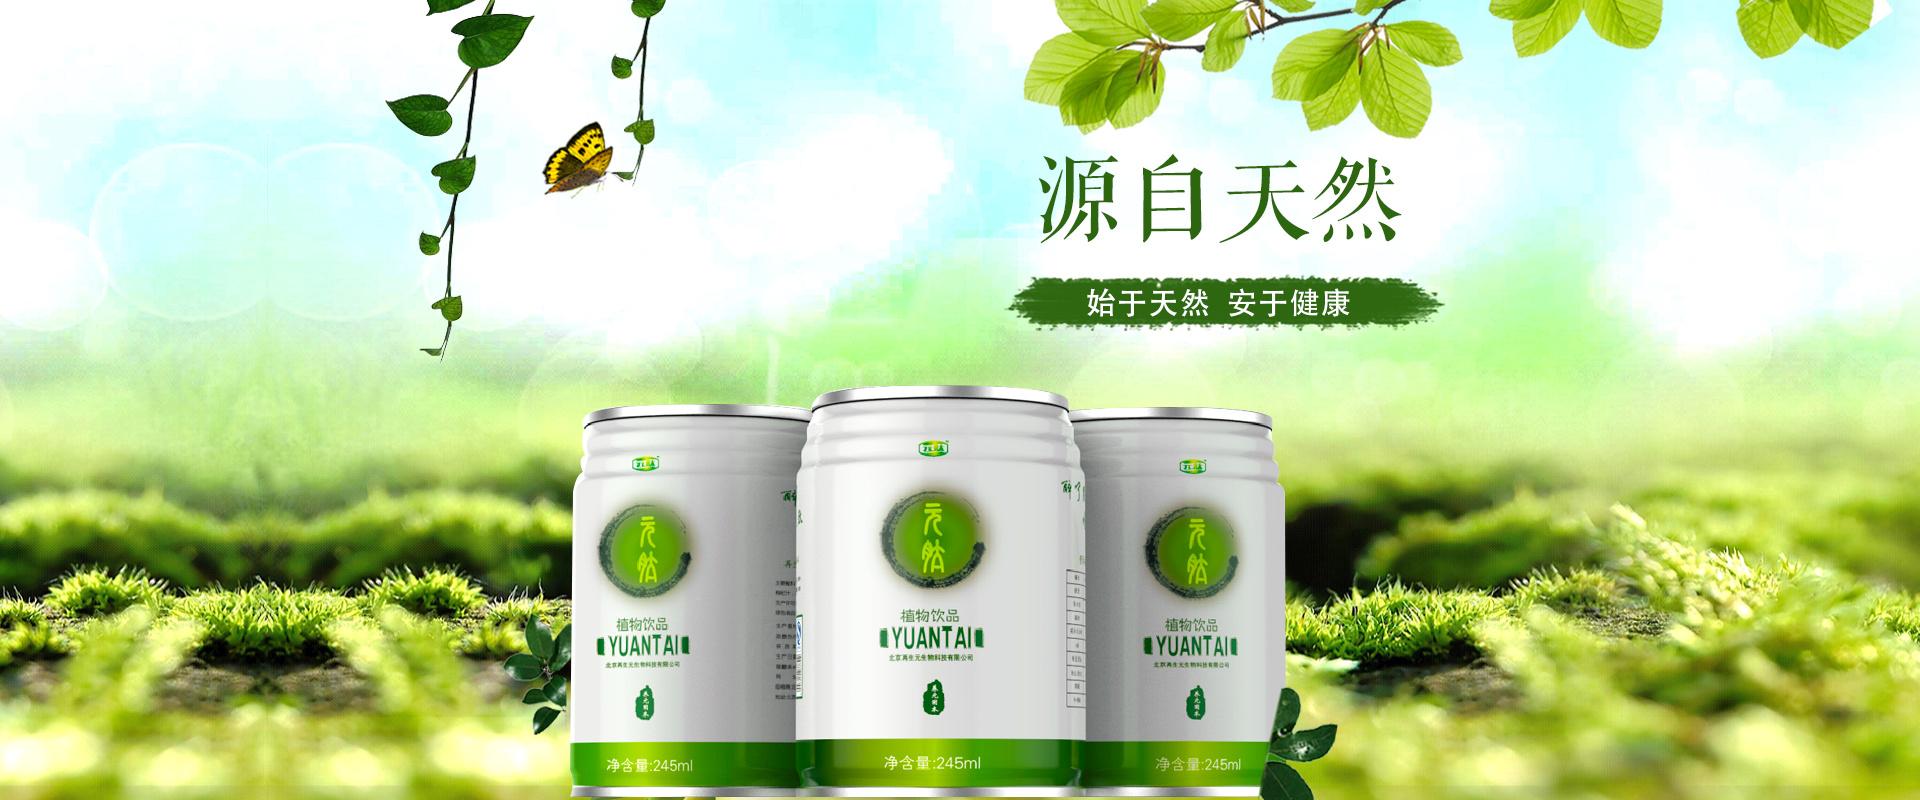 养生绿色产品推广海报banner